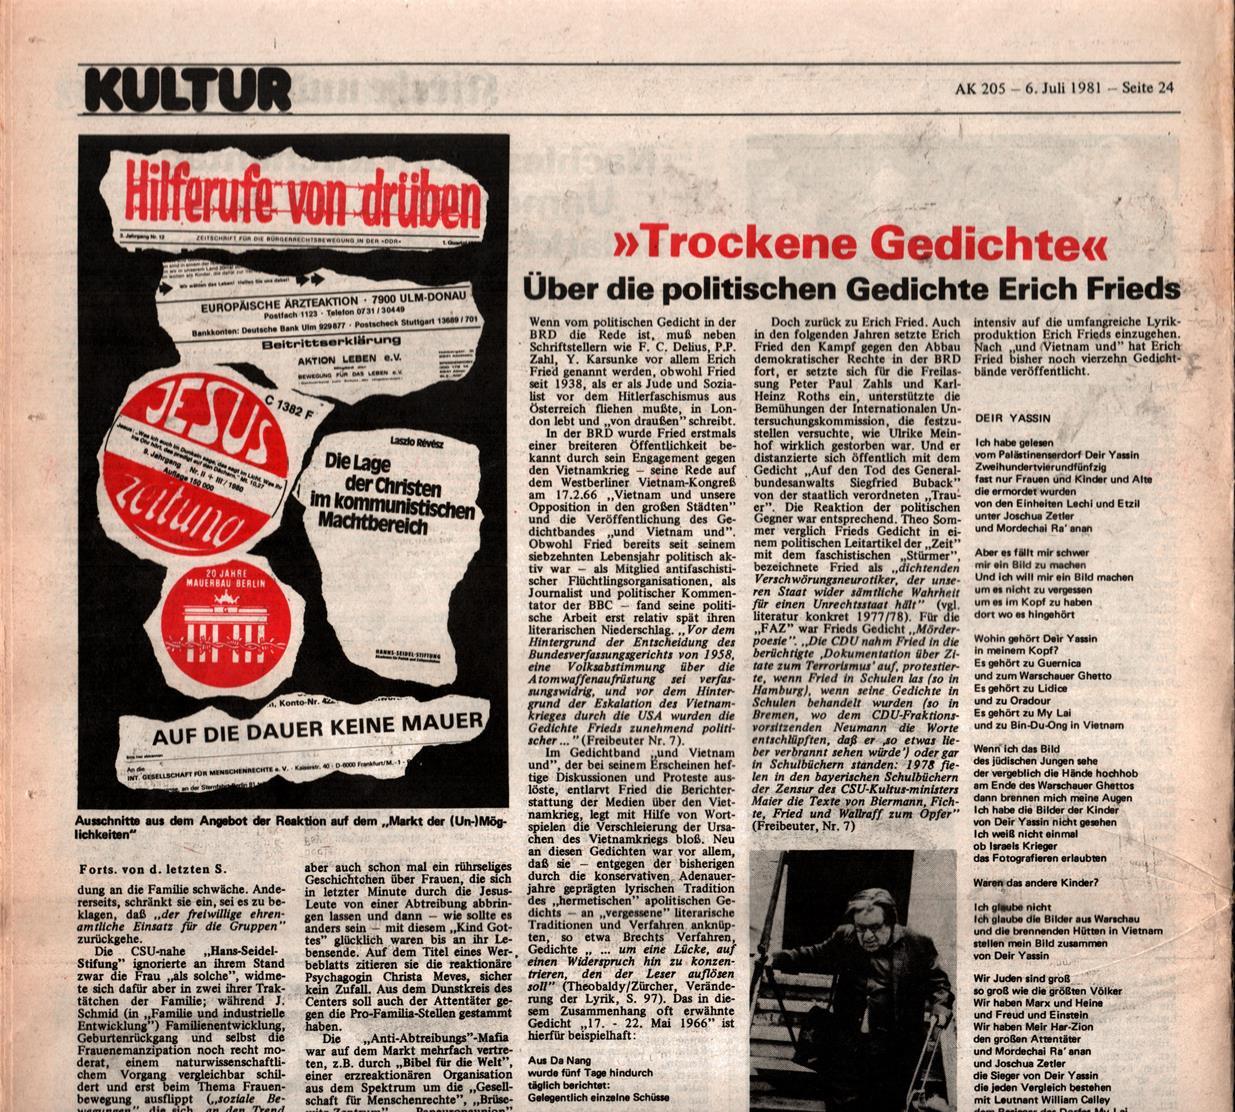 KB_AK_1981_205_047